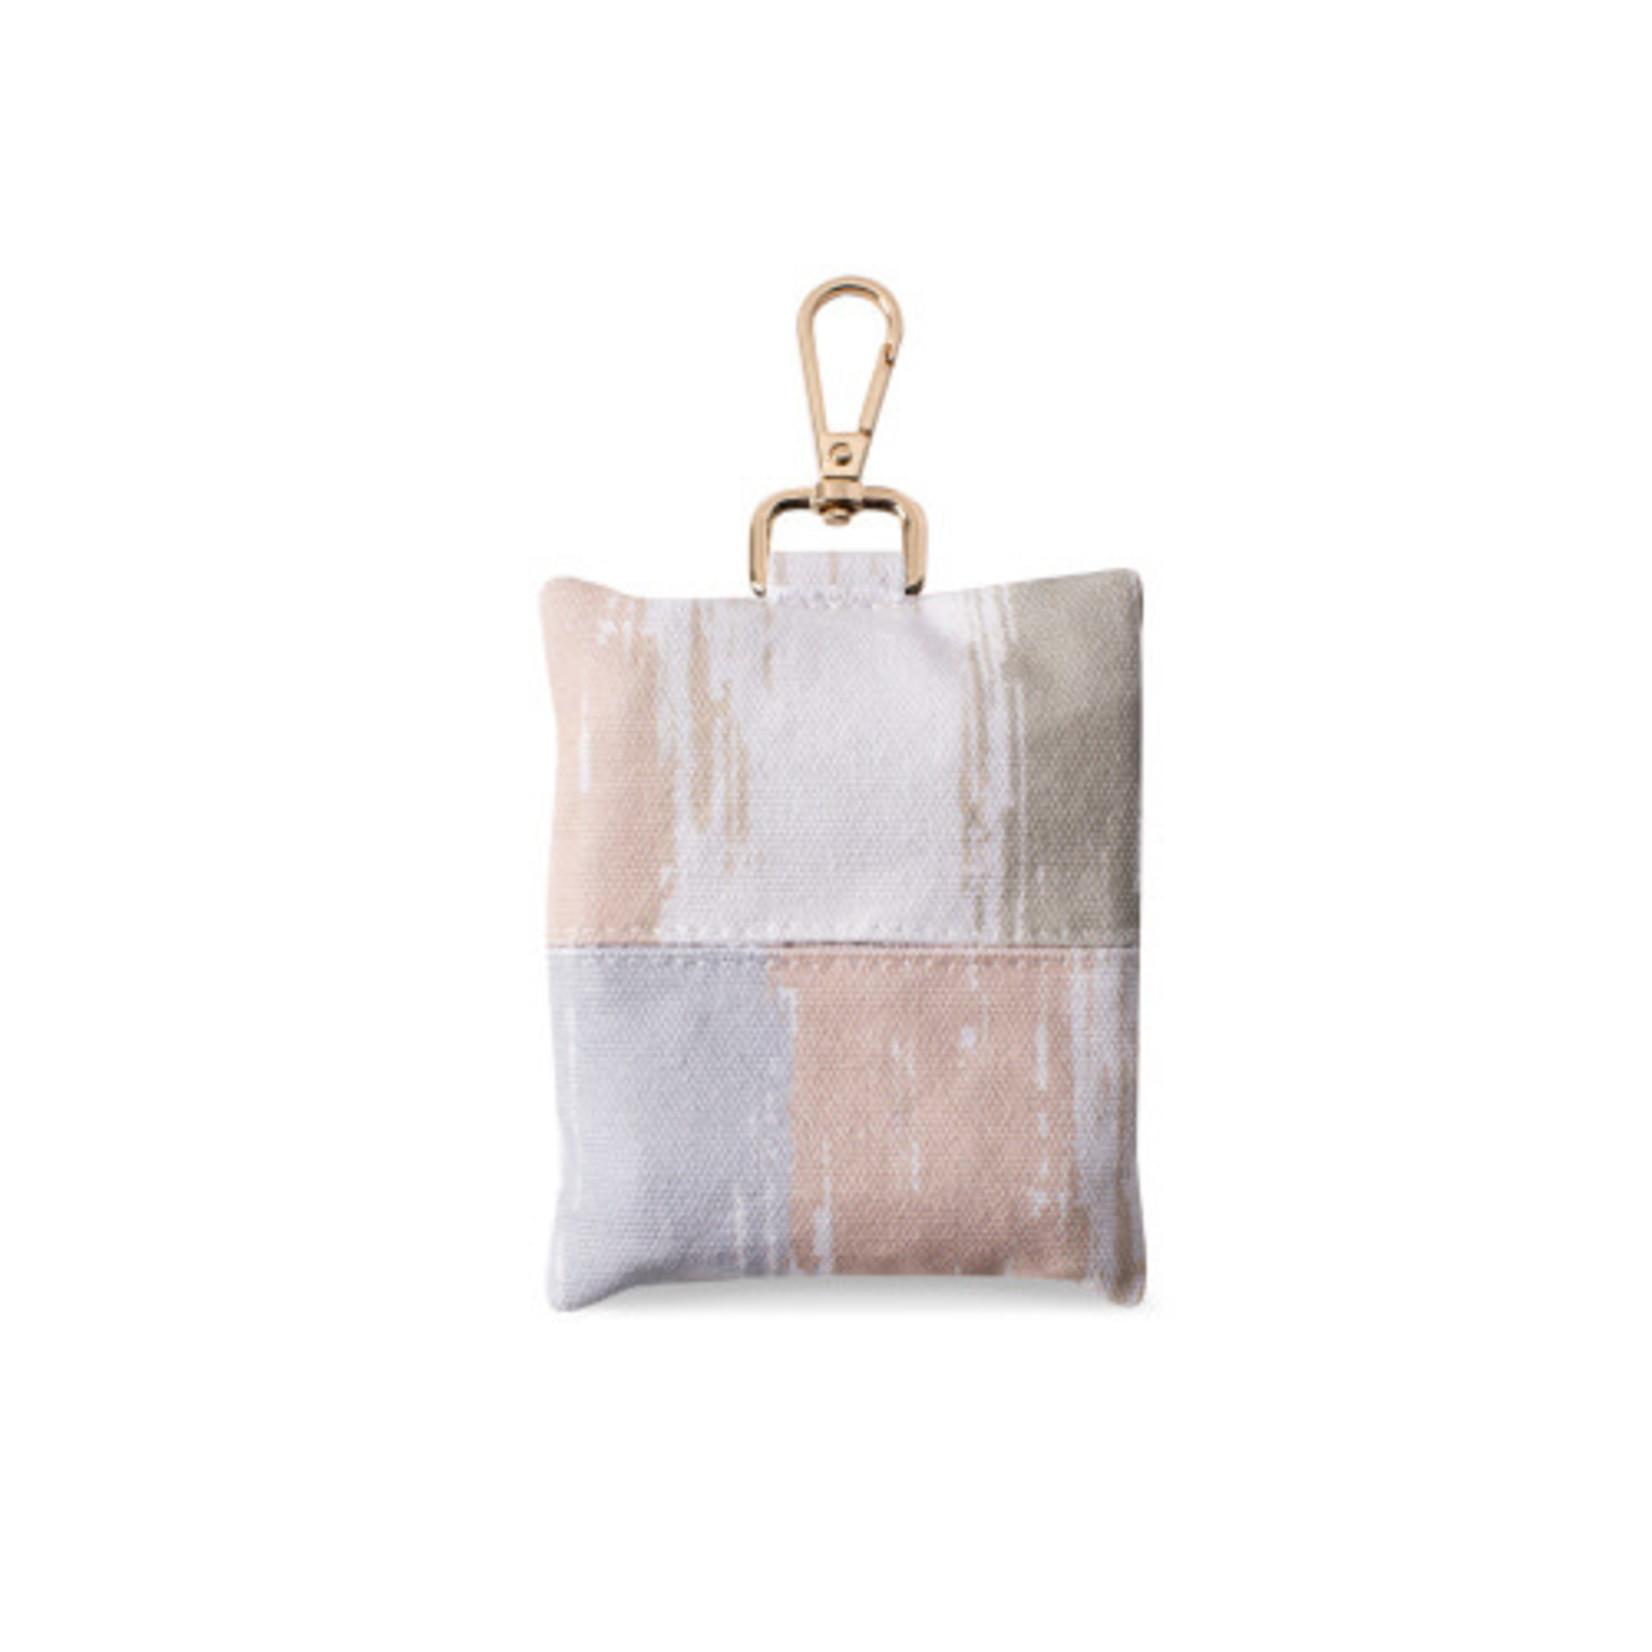 Canvas Waste Bag Dispenser